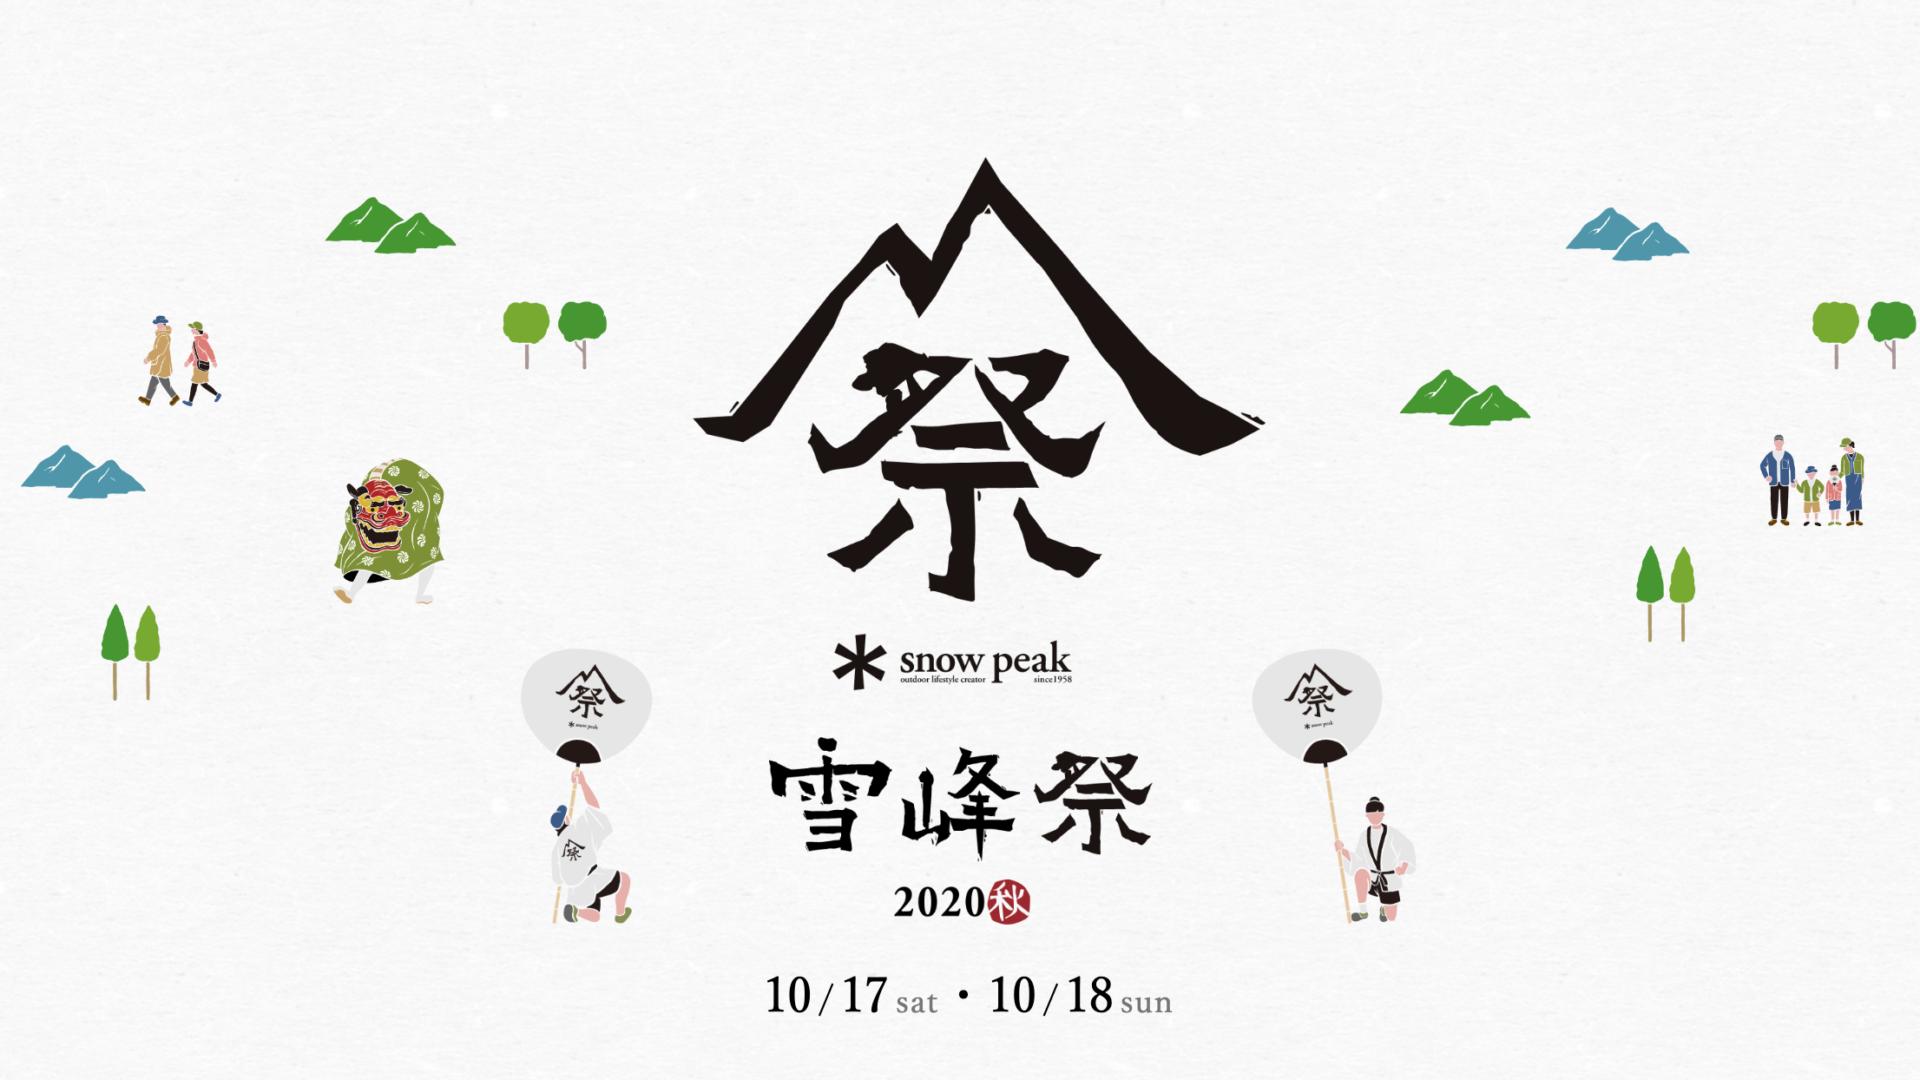 雪峰祭2020秋